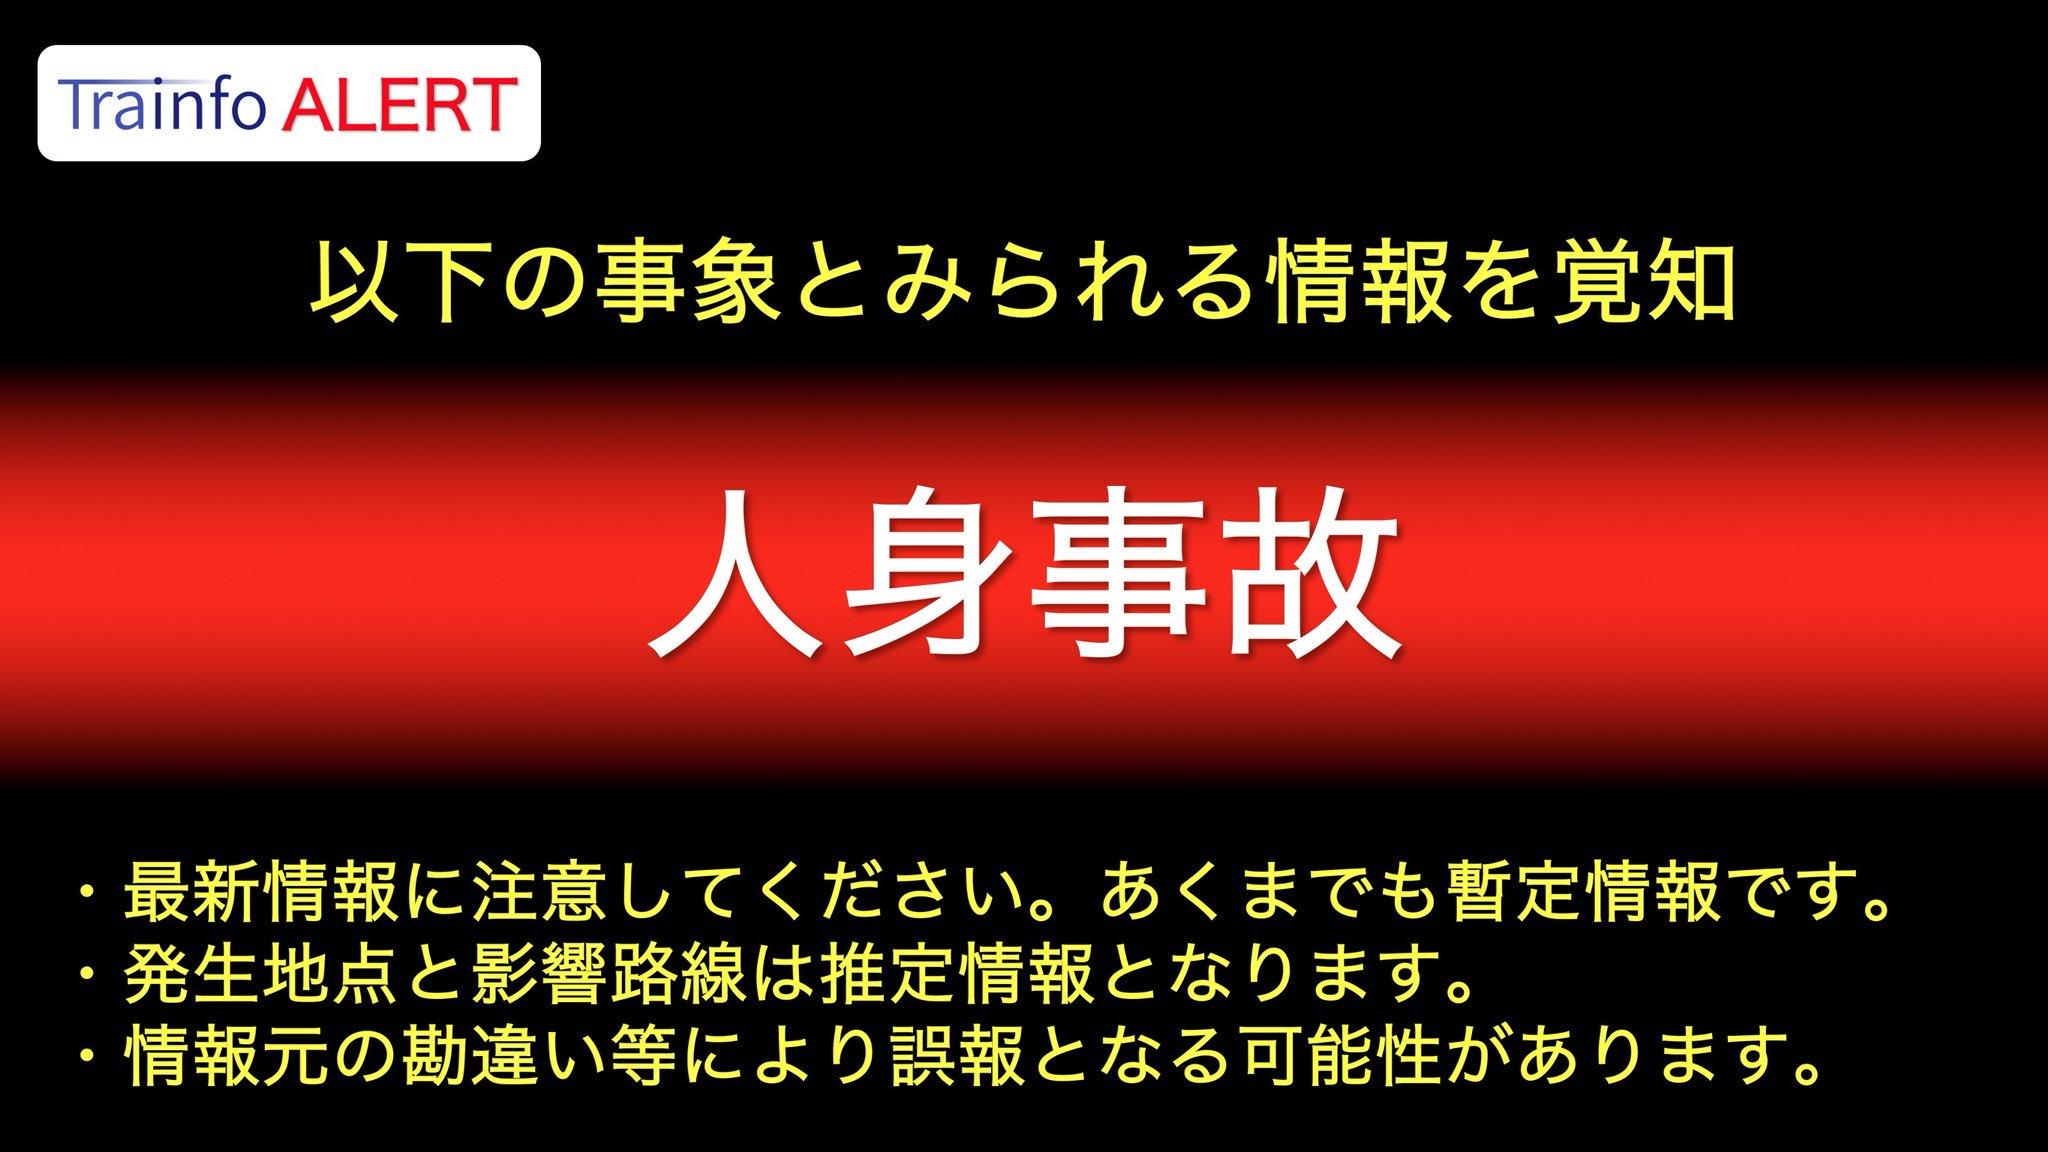 画像,🏃♂️ 人身事故 💥京成大久保駅で人身事故発生の可能性以下の路線でダイヤ乱れの可能性京成本線京成押上線都営浅草線など https://t.co/3F6HJMP…